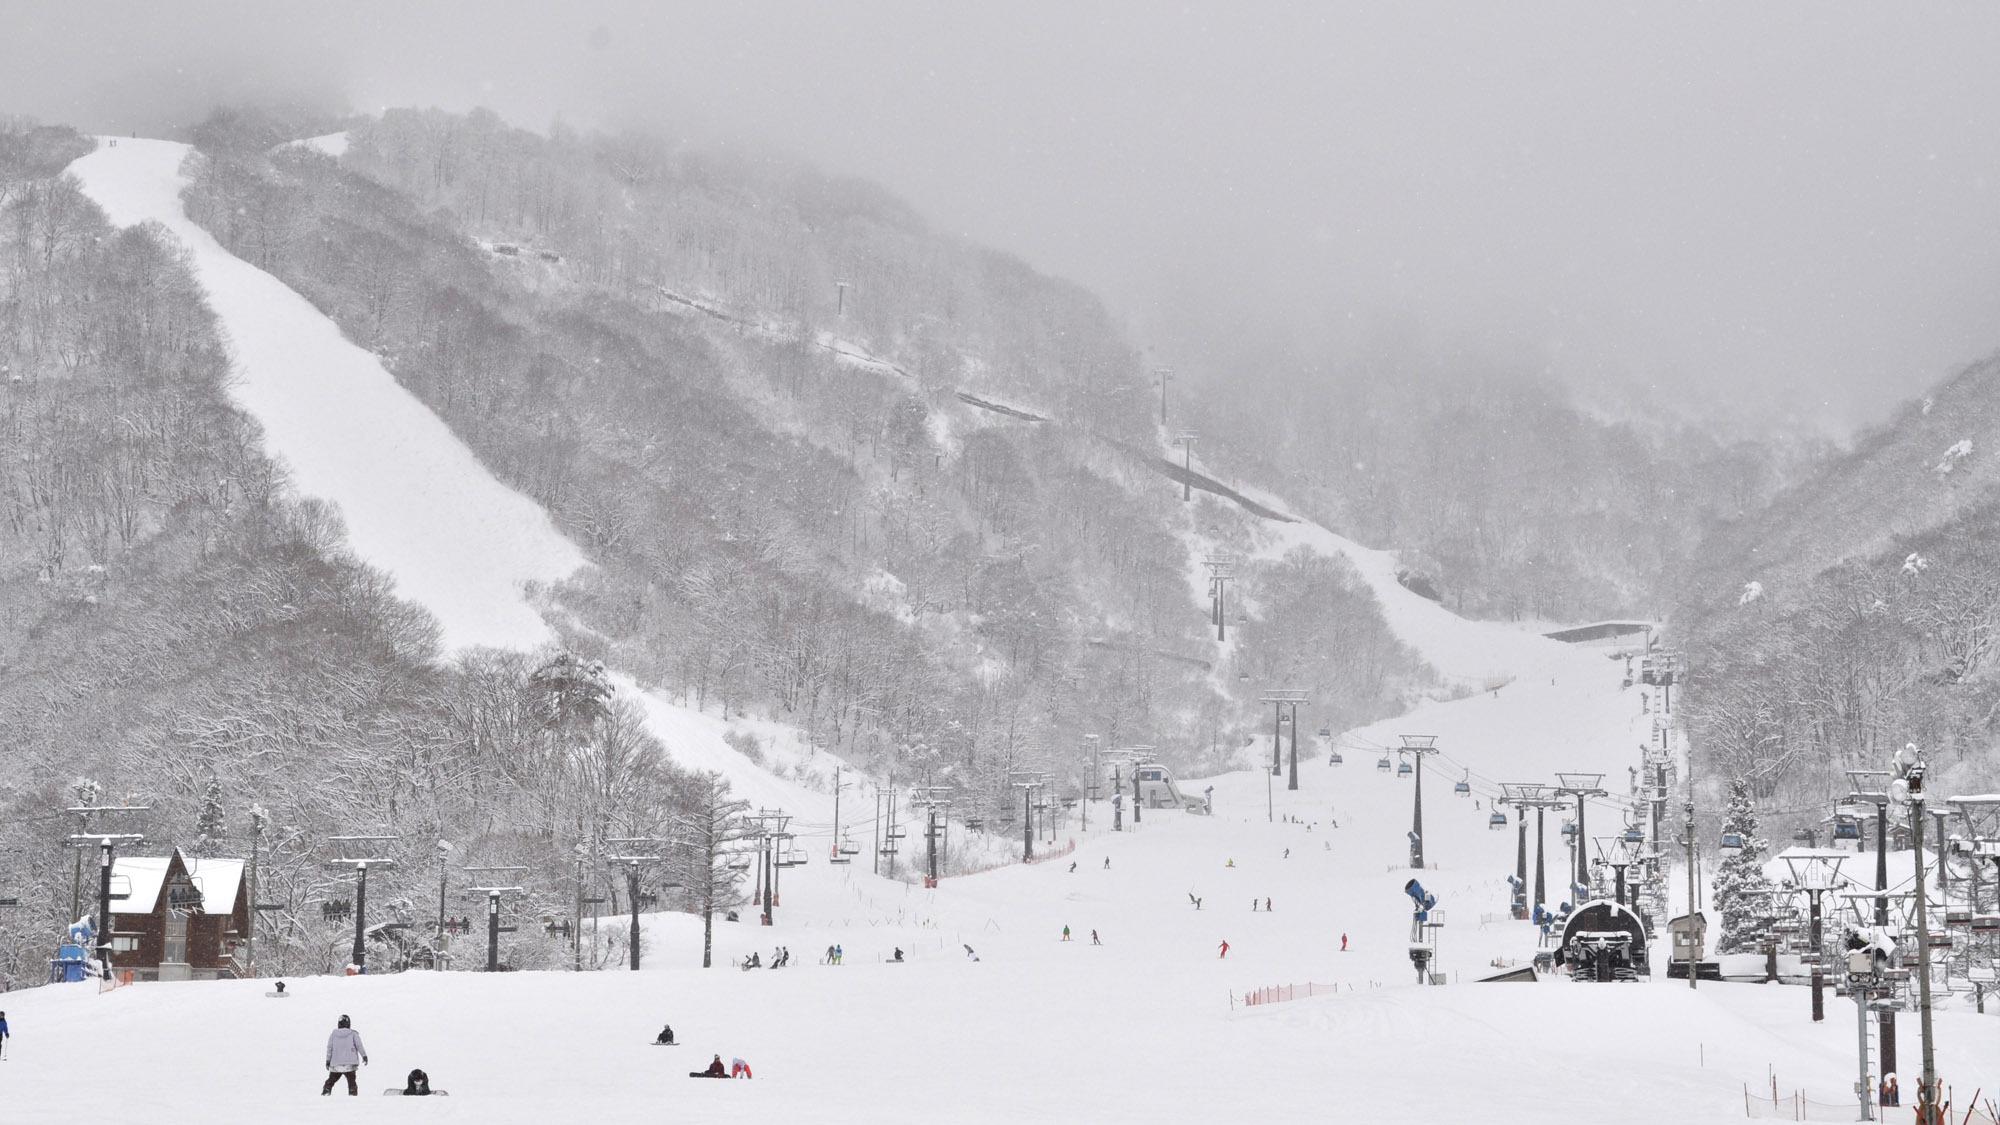 【スキー場 エイブル白馬五竜】当ペンション前から無料シャトルバスに乗れます